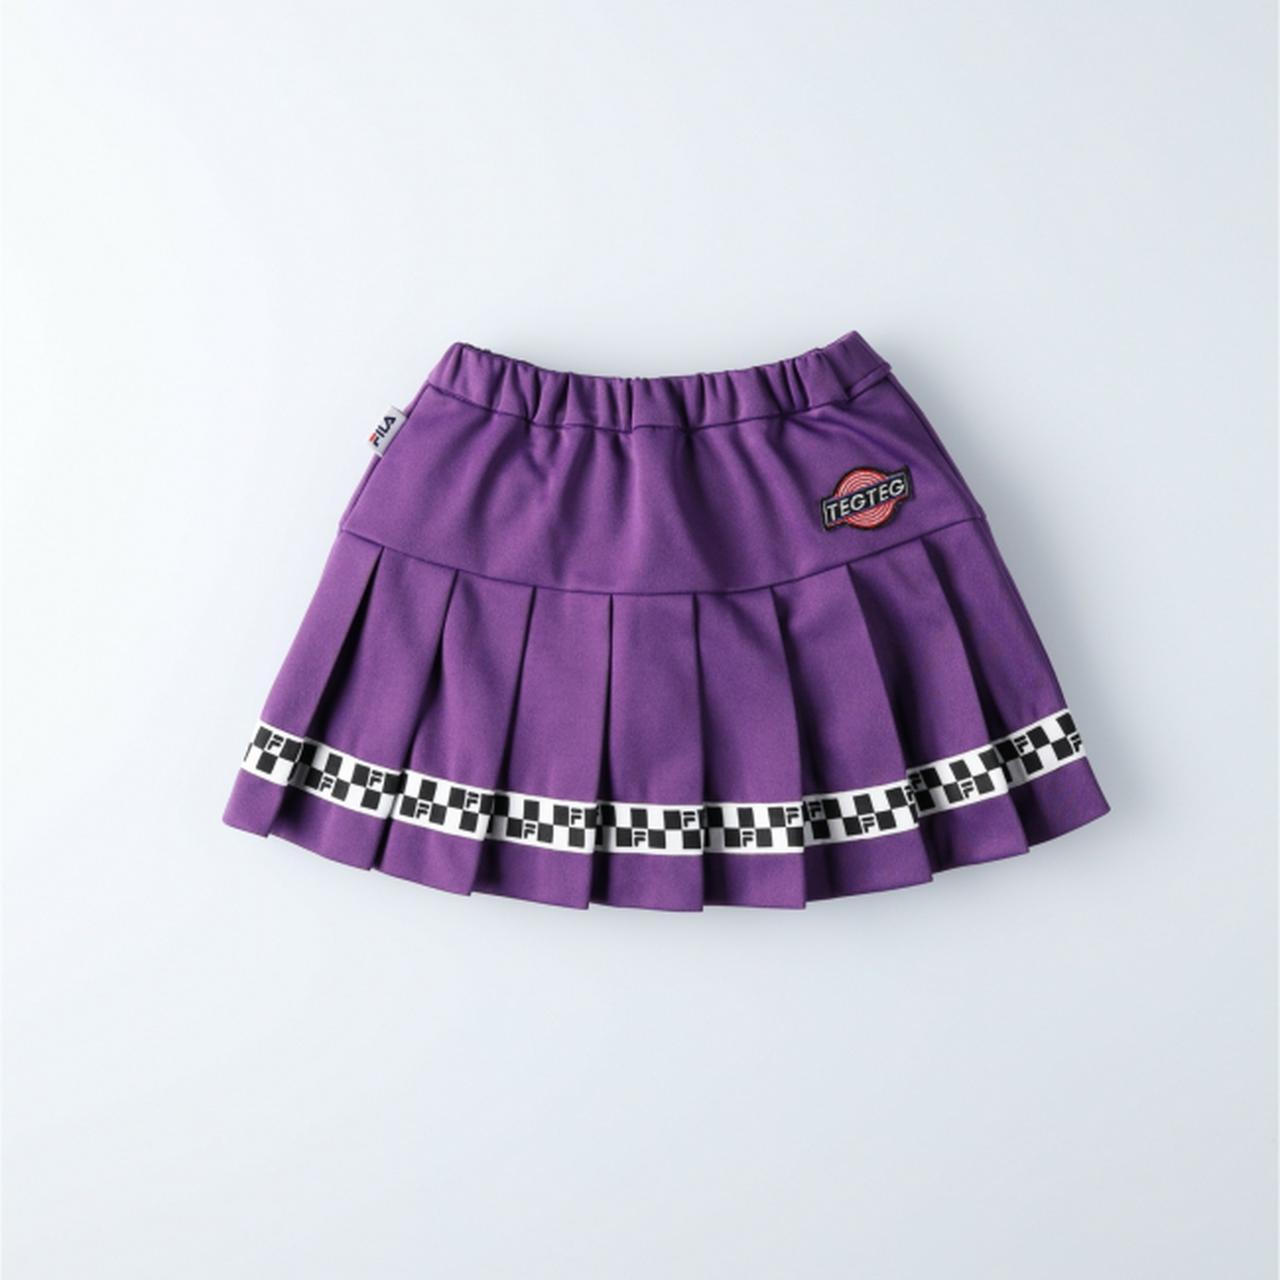 画像11: FILA×TEG TEG cheered by Girls² の大人気キッズウェア第三弾が発売!